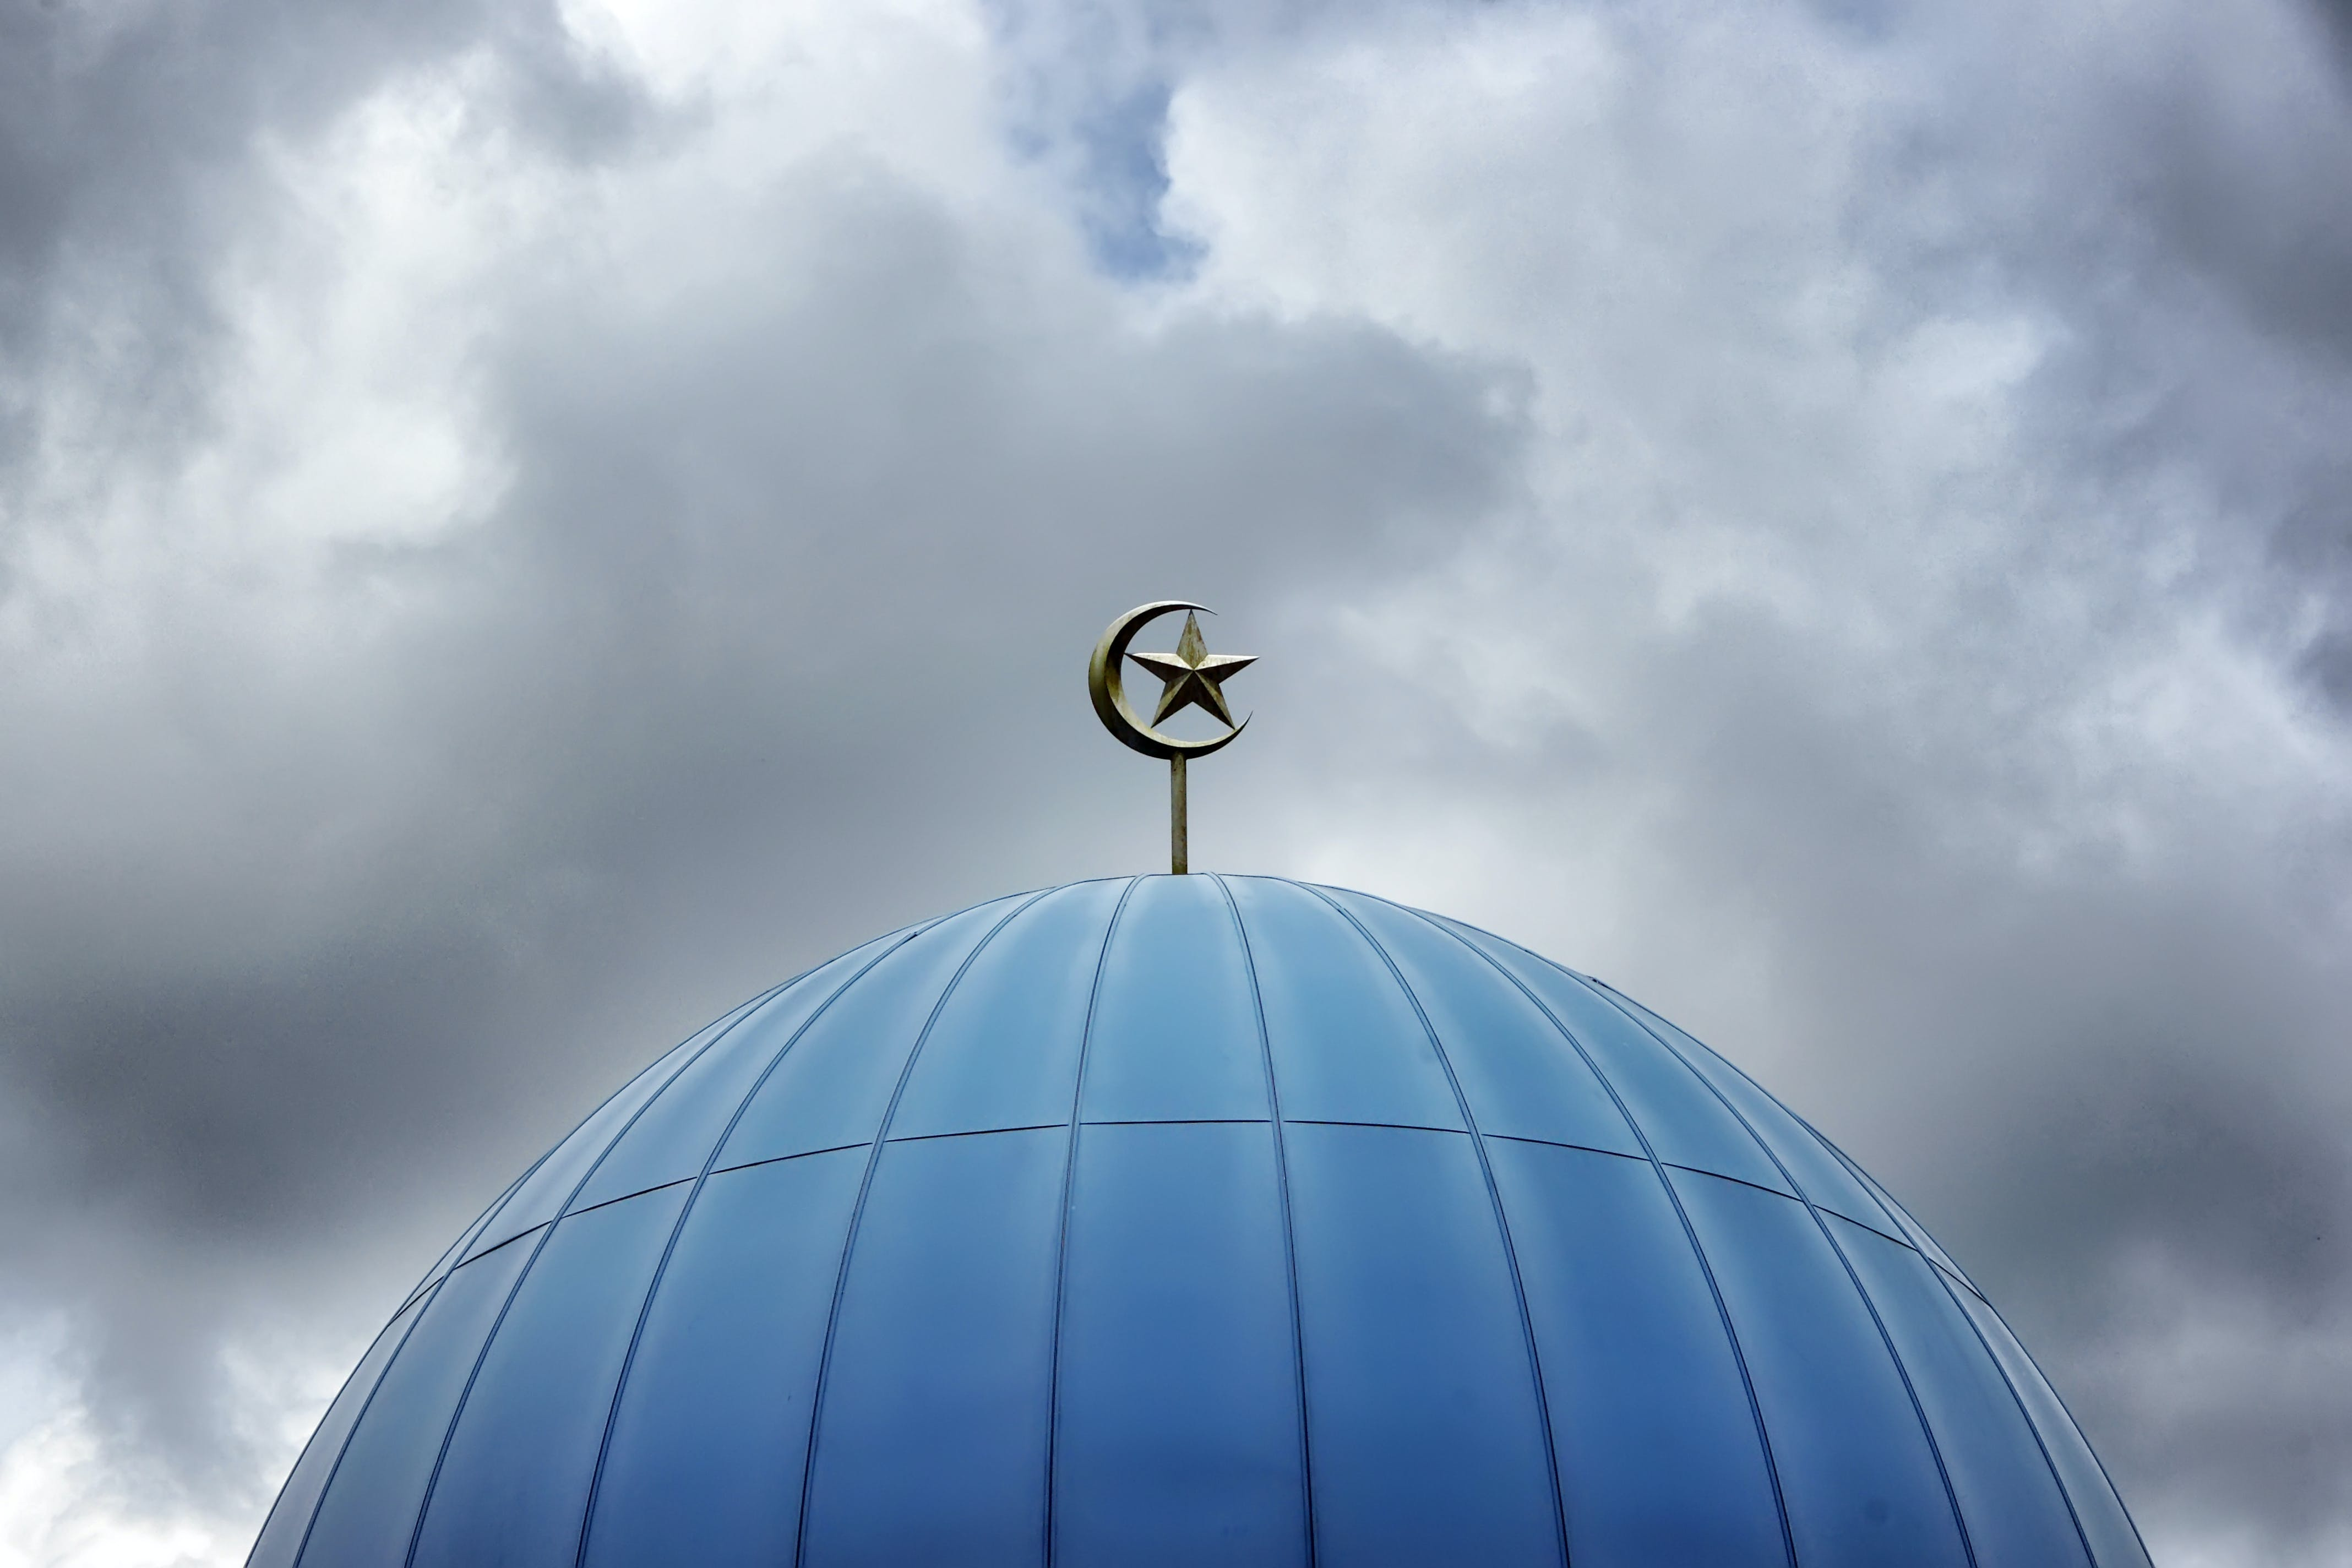 Silver Mosque Top Dome Ornament